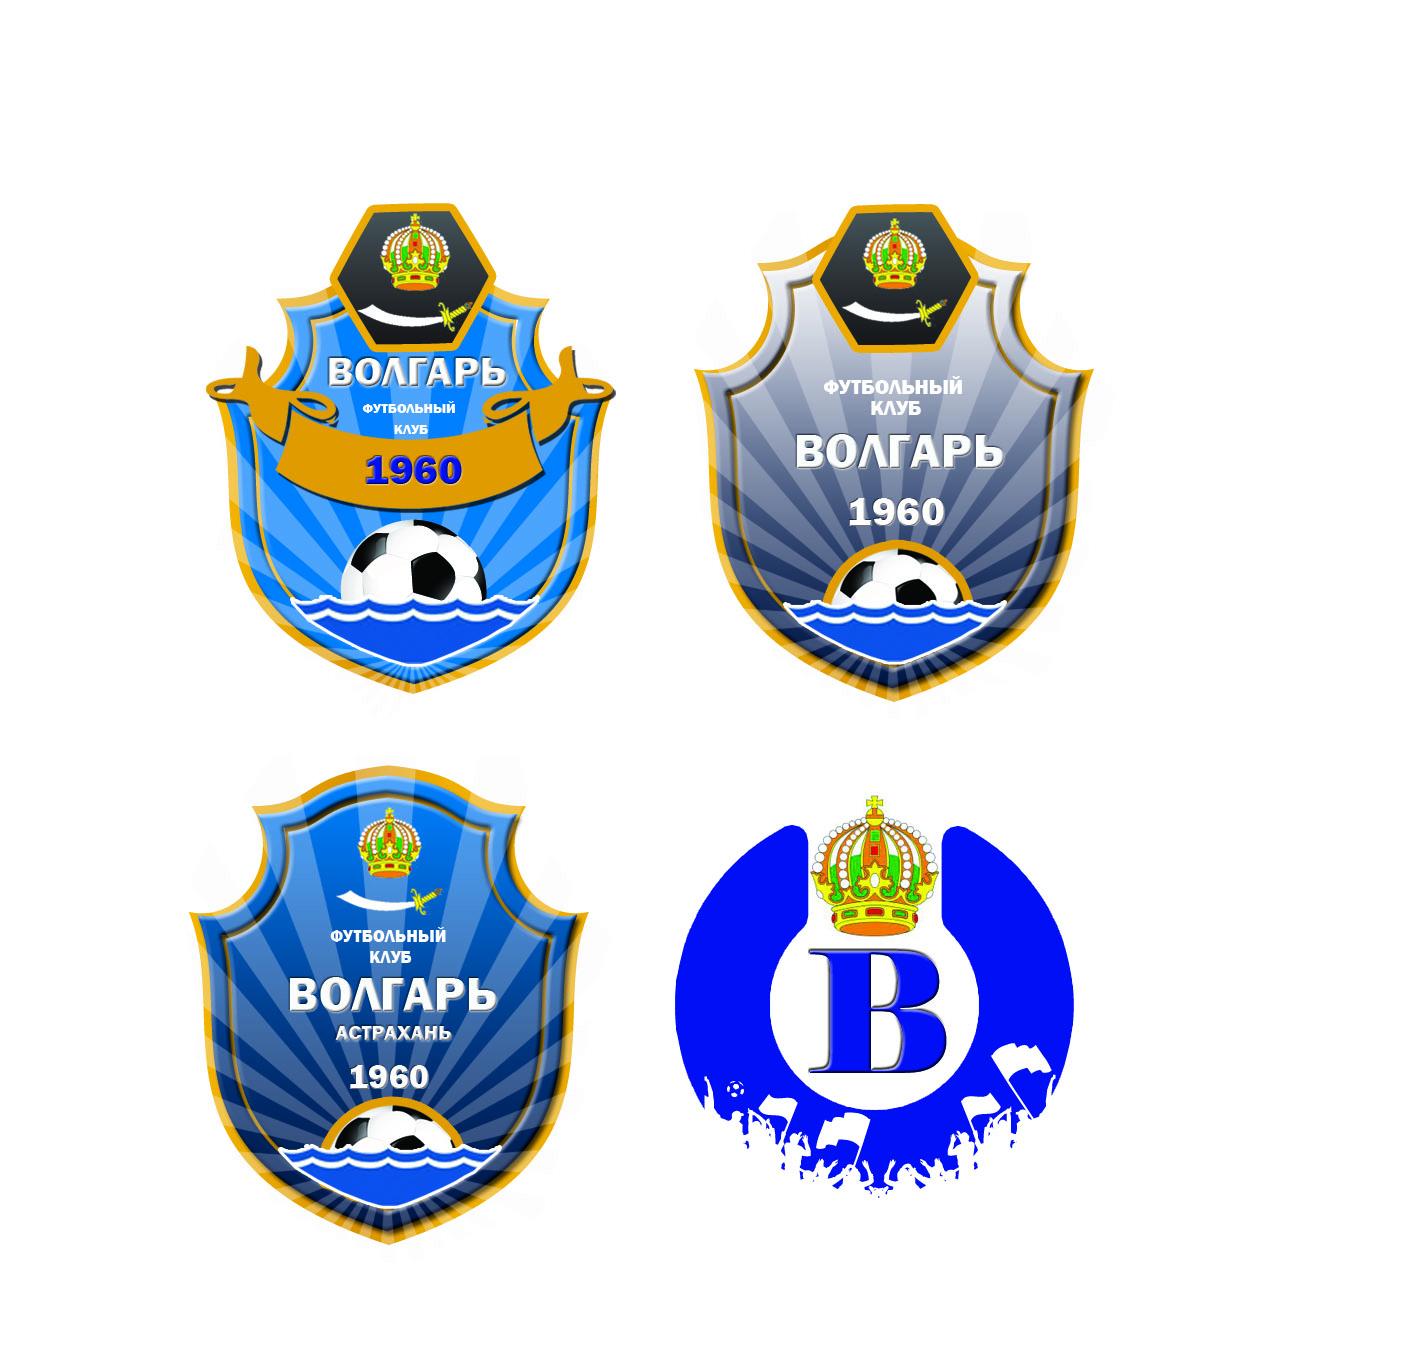 Разработка эмблемы футбольного клуба фото f_4fc27220c53e4.jpg